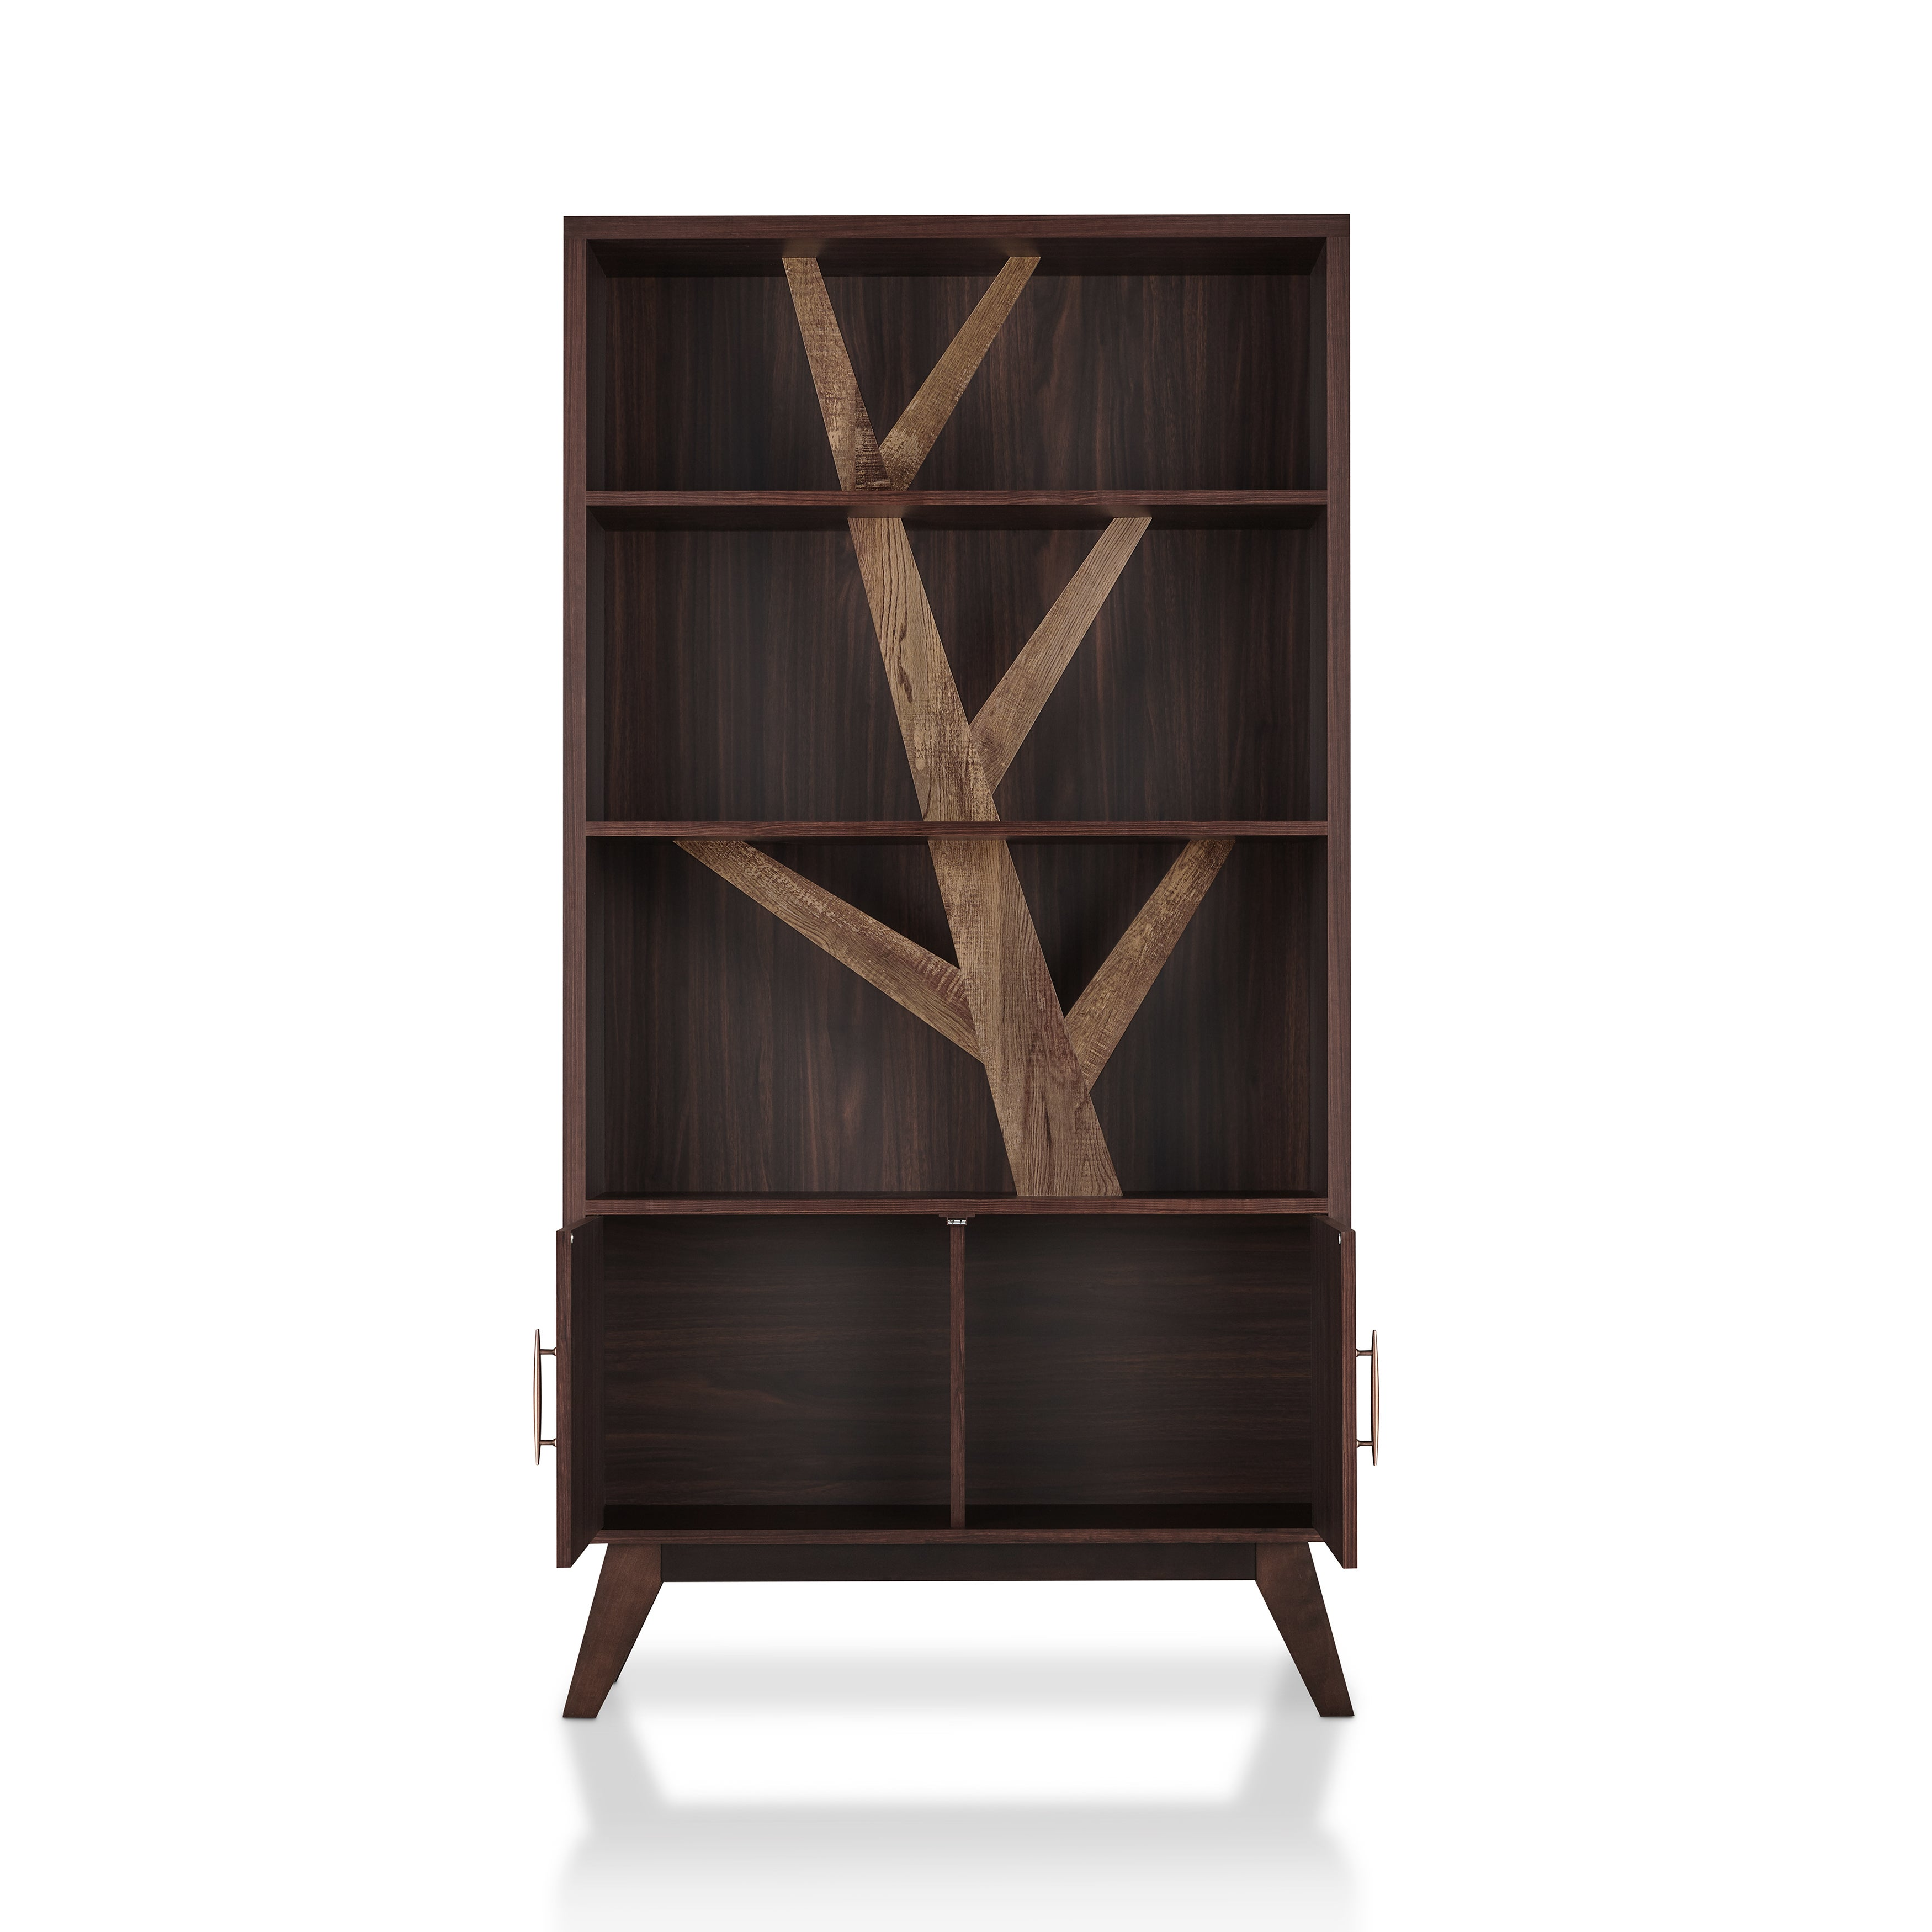 Furniture Of America Fury Rustic Brown 35 Inch 3 Open Shelf Bookcase